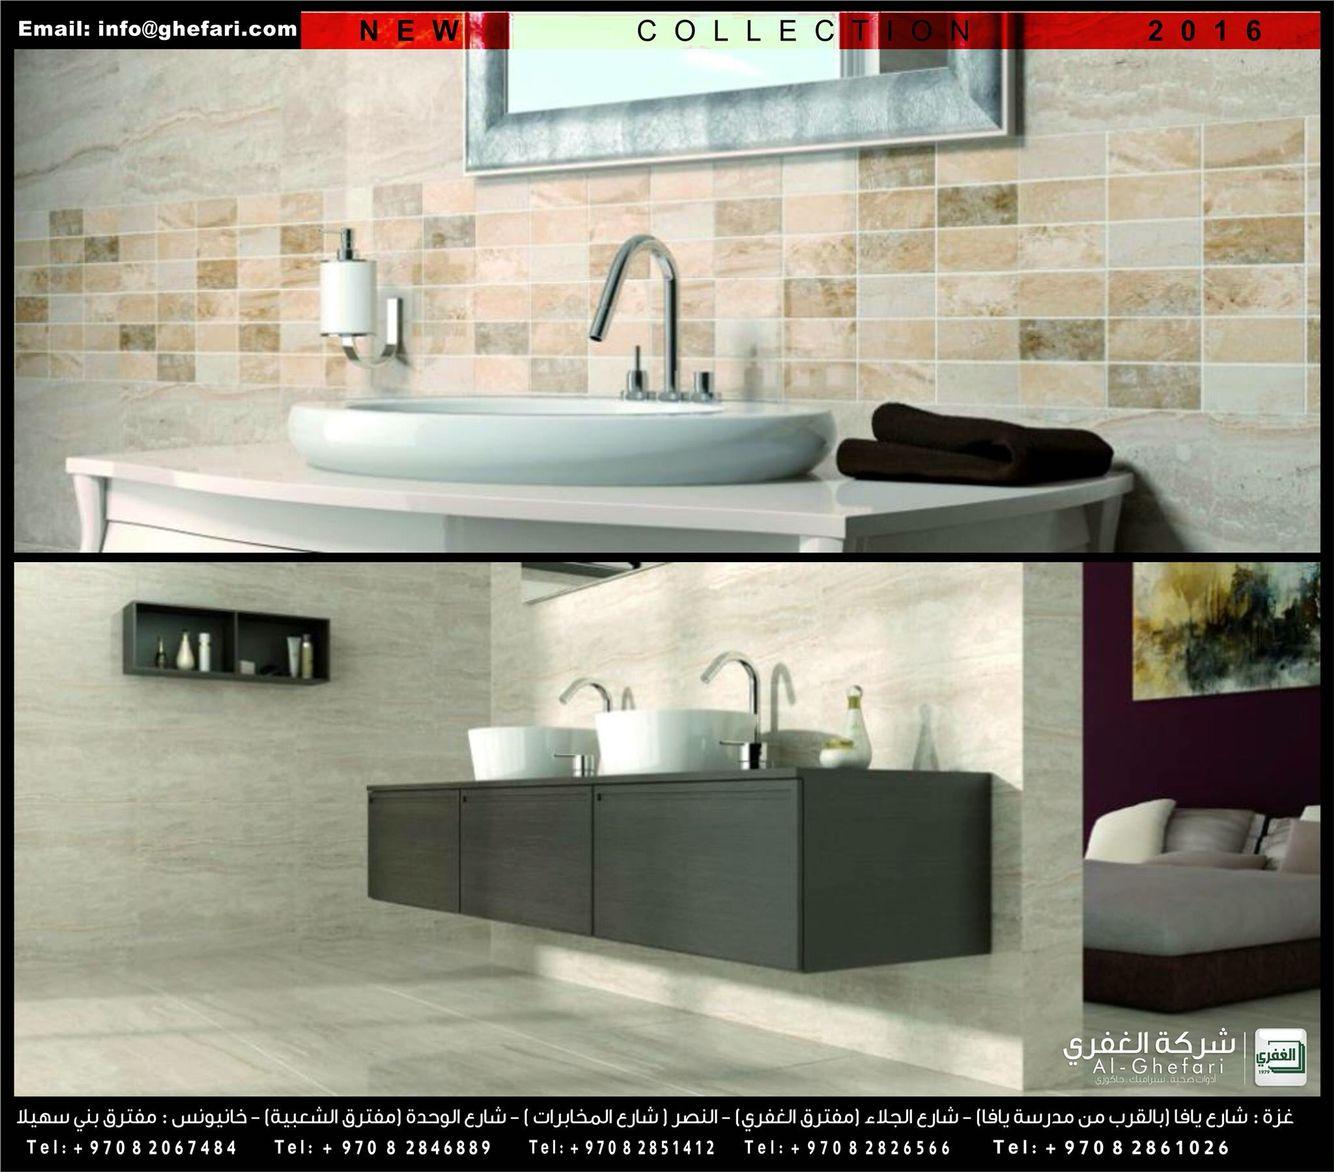 جديد جديد منتجات إسبانية لدي شركة الغفري نقدم لك أعلي مستوى من الجودة الإسبانية سيراميك بورسيل Lighted Bathroom Mirror Bathroom Vanity Bathroom Mirror